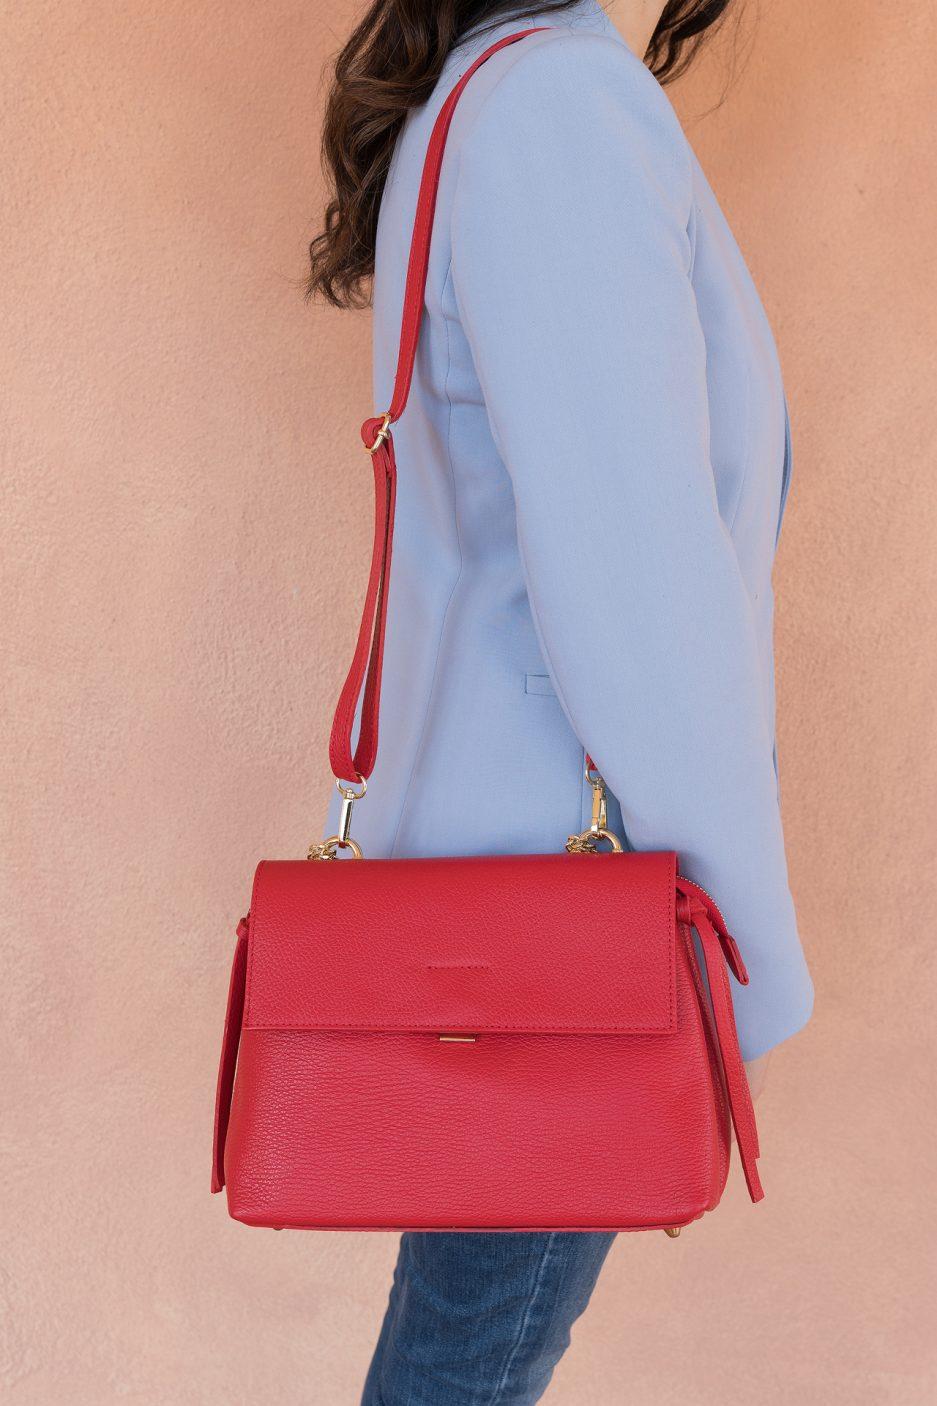 borsa rossa pell